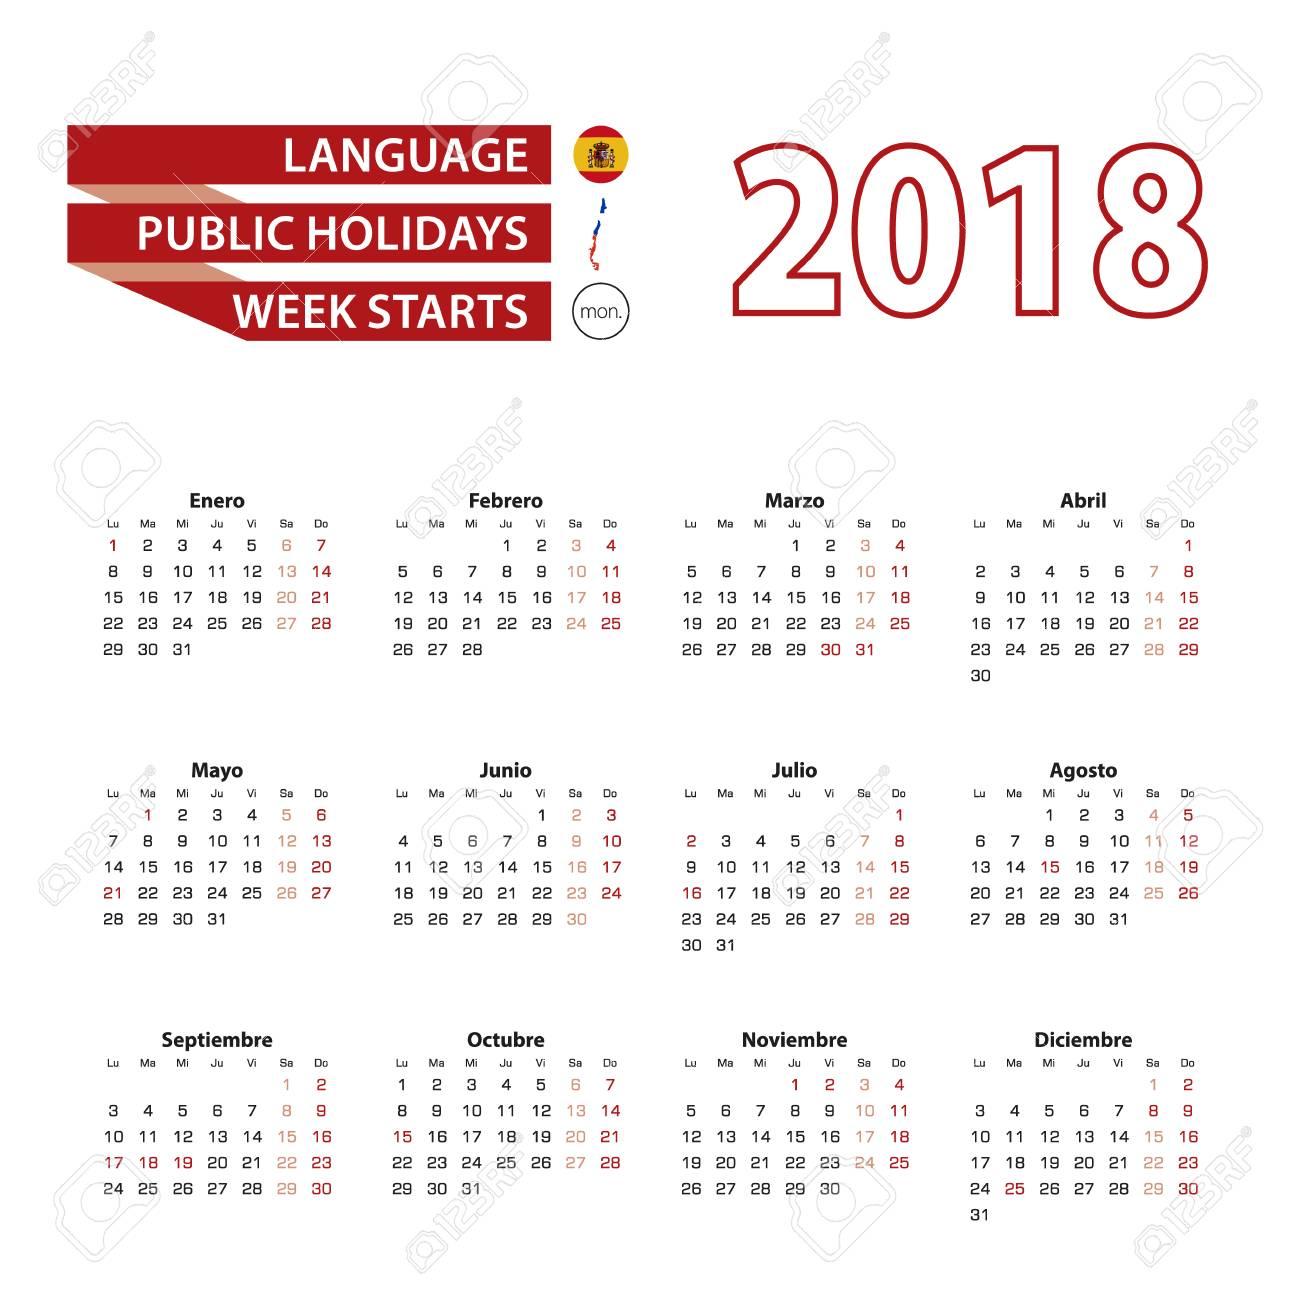 Calendario Diciembre 2018 Chile.Calendario 2018 En Idioma Espanol Con Festivos En El Pais De Chile En El Ano 2018 La Semana Comienza A Partir Del Lunes Ilustracion Vectorial